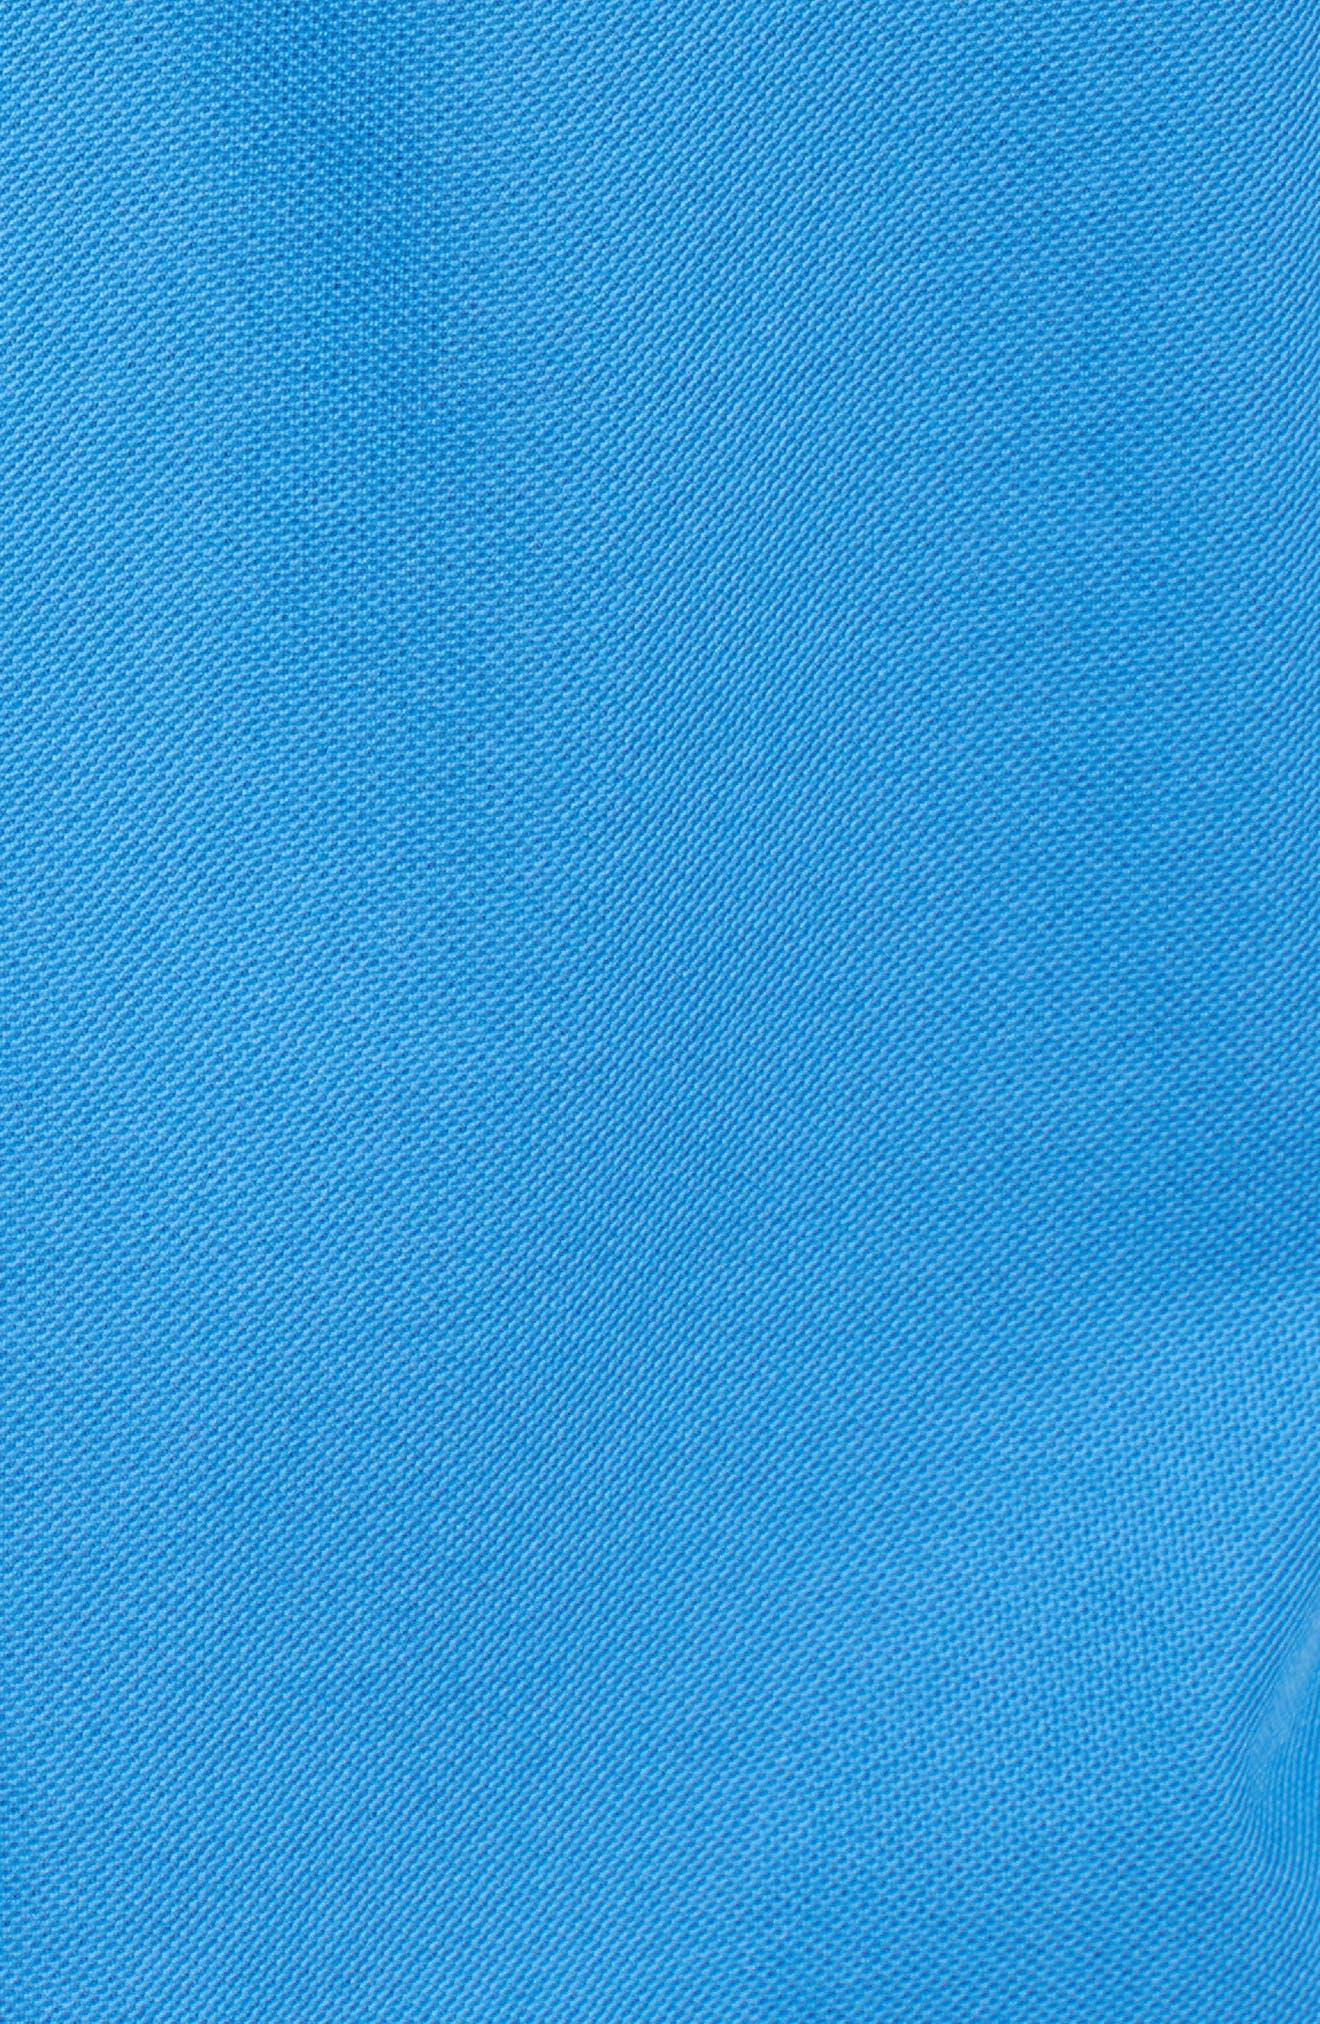 Classic Fit Piqué Knit Shirt,                             Alternate thumbnail 5, color,                             Classic Blue